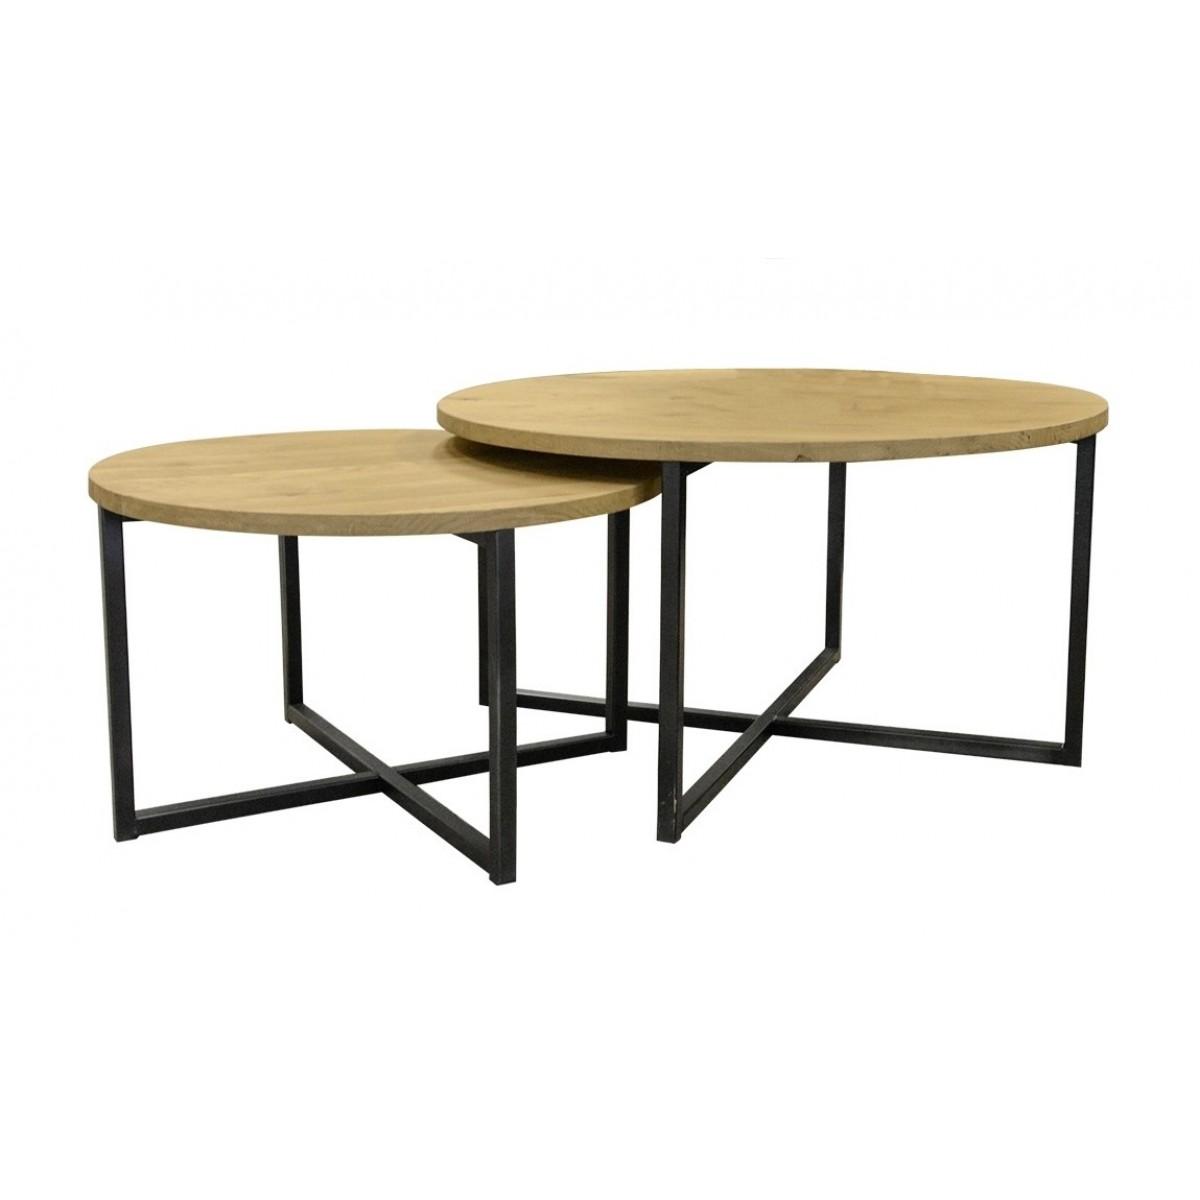 salontafel-set-van-2-metaalframe-eiken-blad-75x75-60x60-cm-naturel